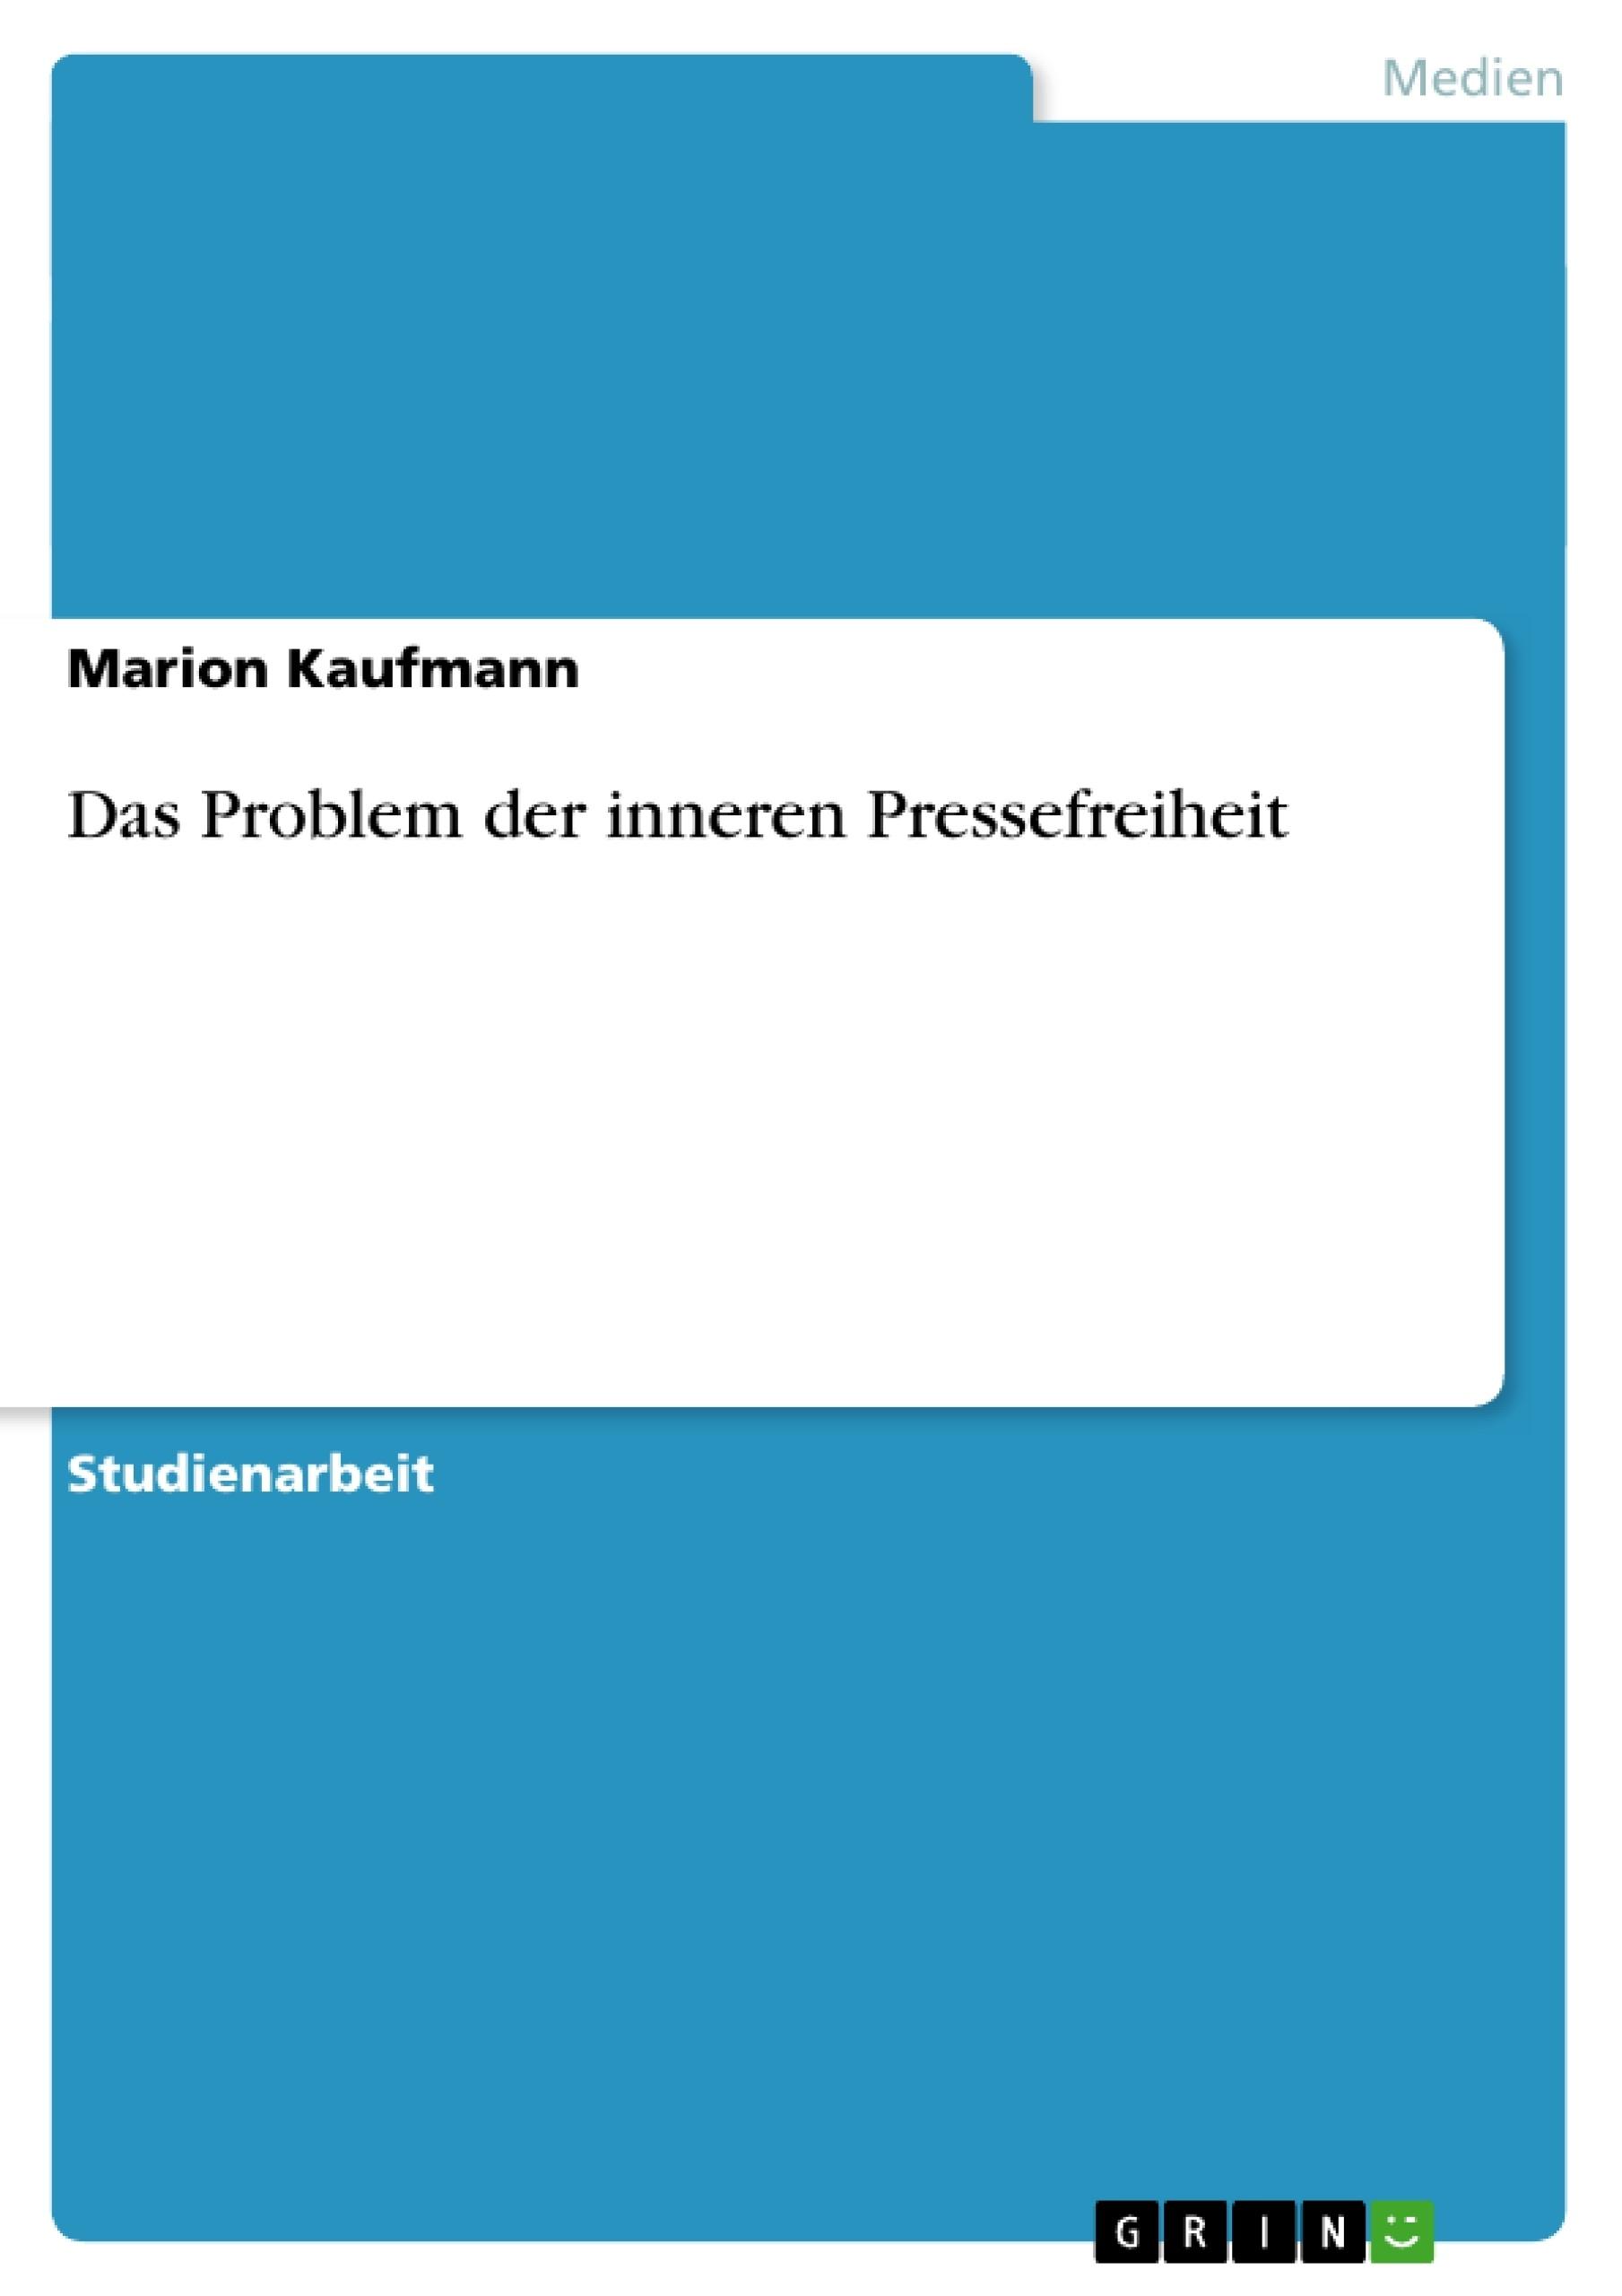 Titel: Das Problem der inneren Pressefreiheit